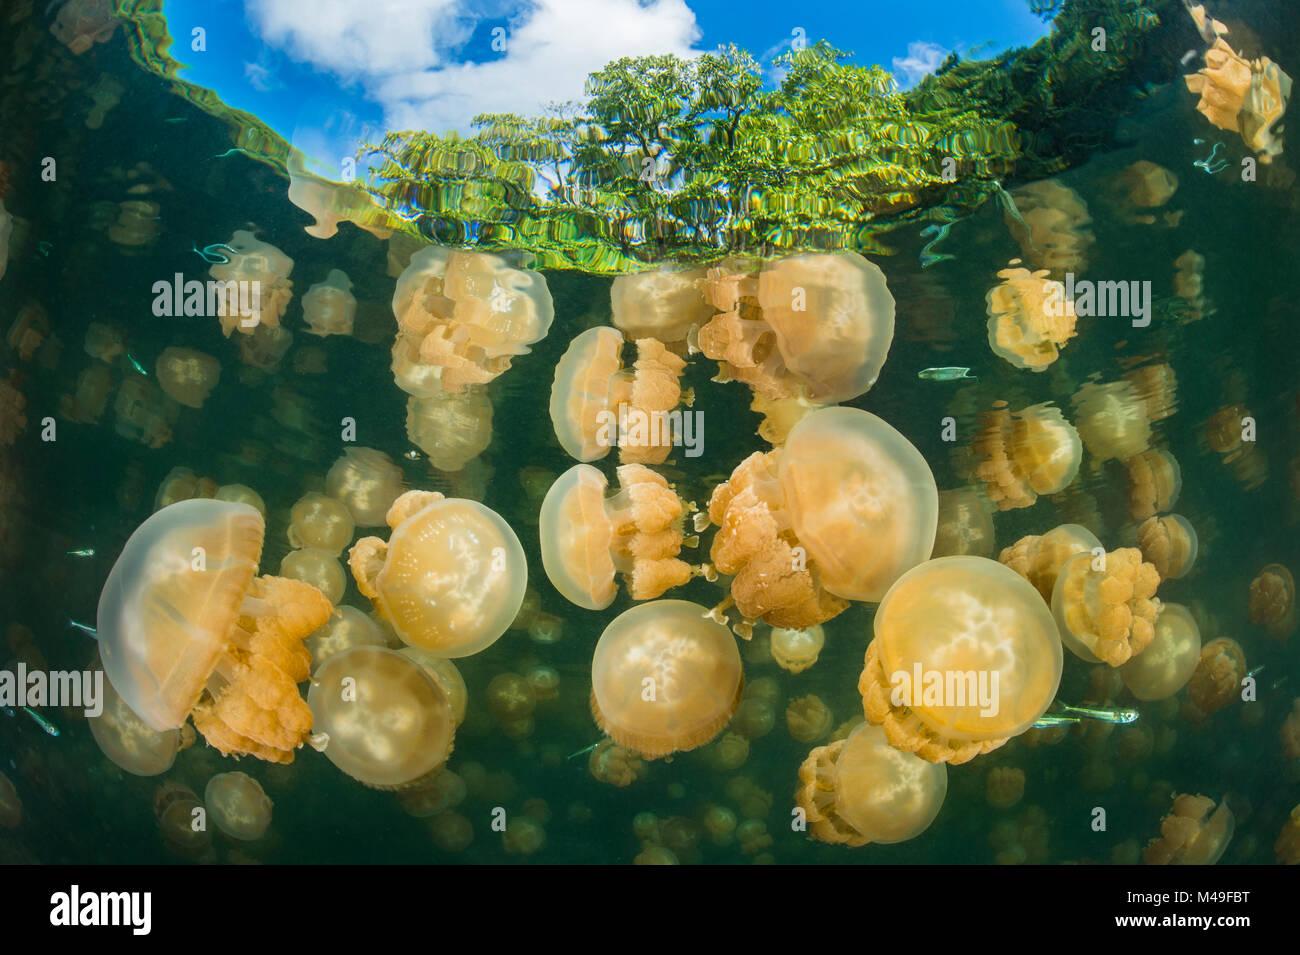 Aggregation von Golden Quallen Mastigias (sp.) In einem marine See in Palau, die goldene Farbe dieser Art kommt von symbiotischen Algen in seinen Geweben. Jellyfish Lake, Eil Malk Insel, Rock Islands, Palau. Tropical North Pacific Ocean. Stockfoto